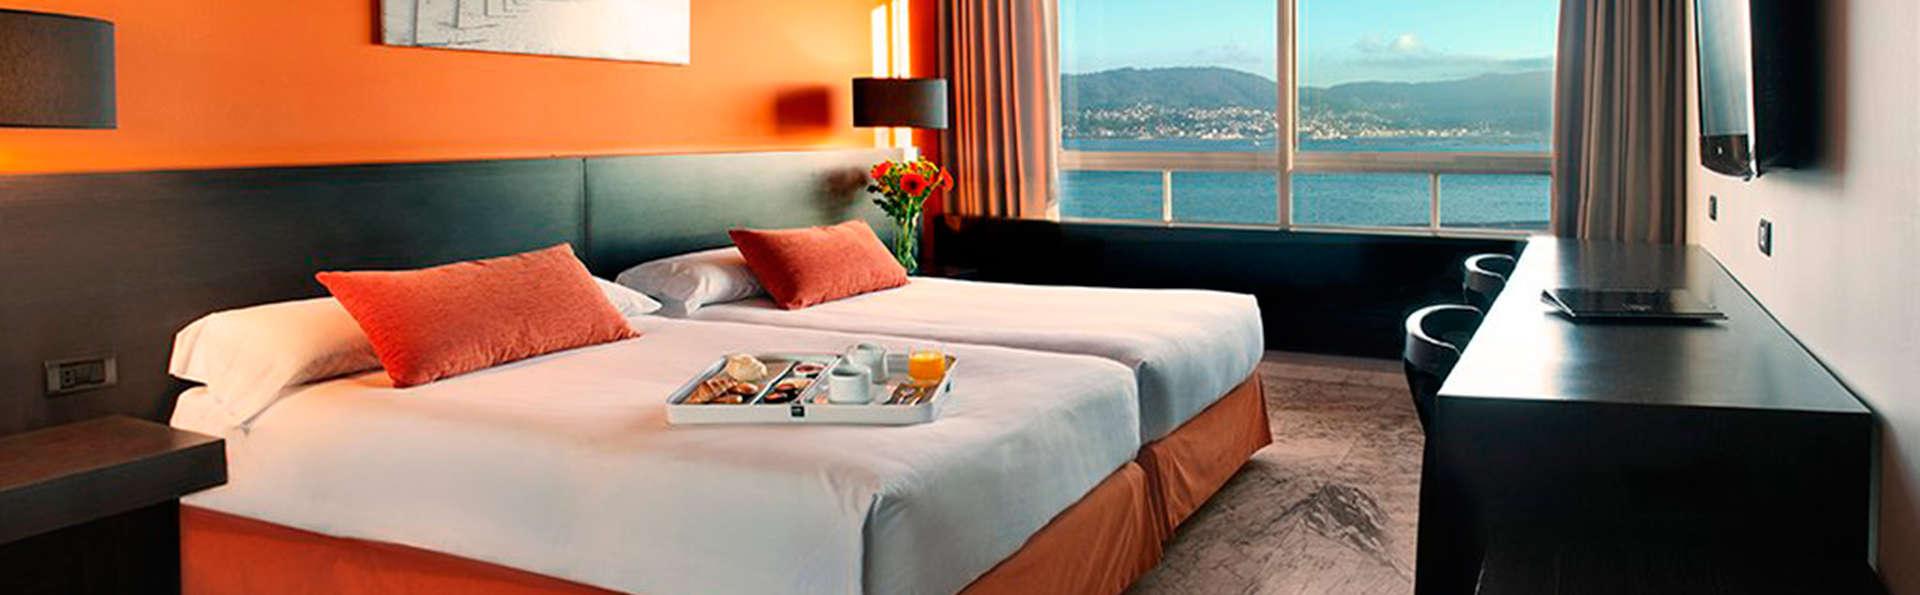 Sercotel Hotel Bahía de Vigo - EDIT_room.jpg